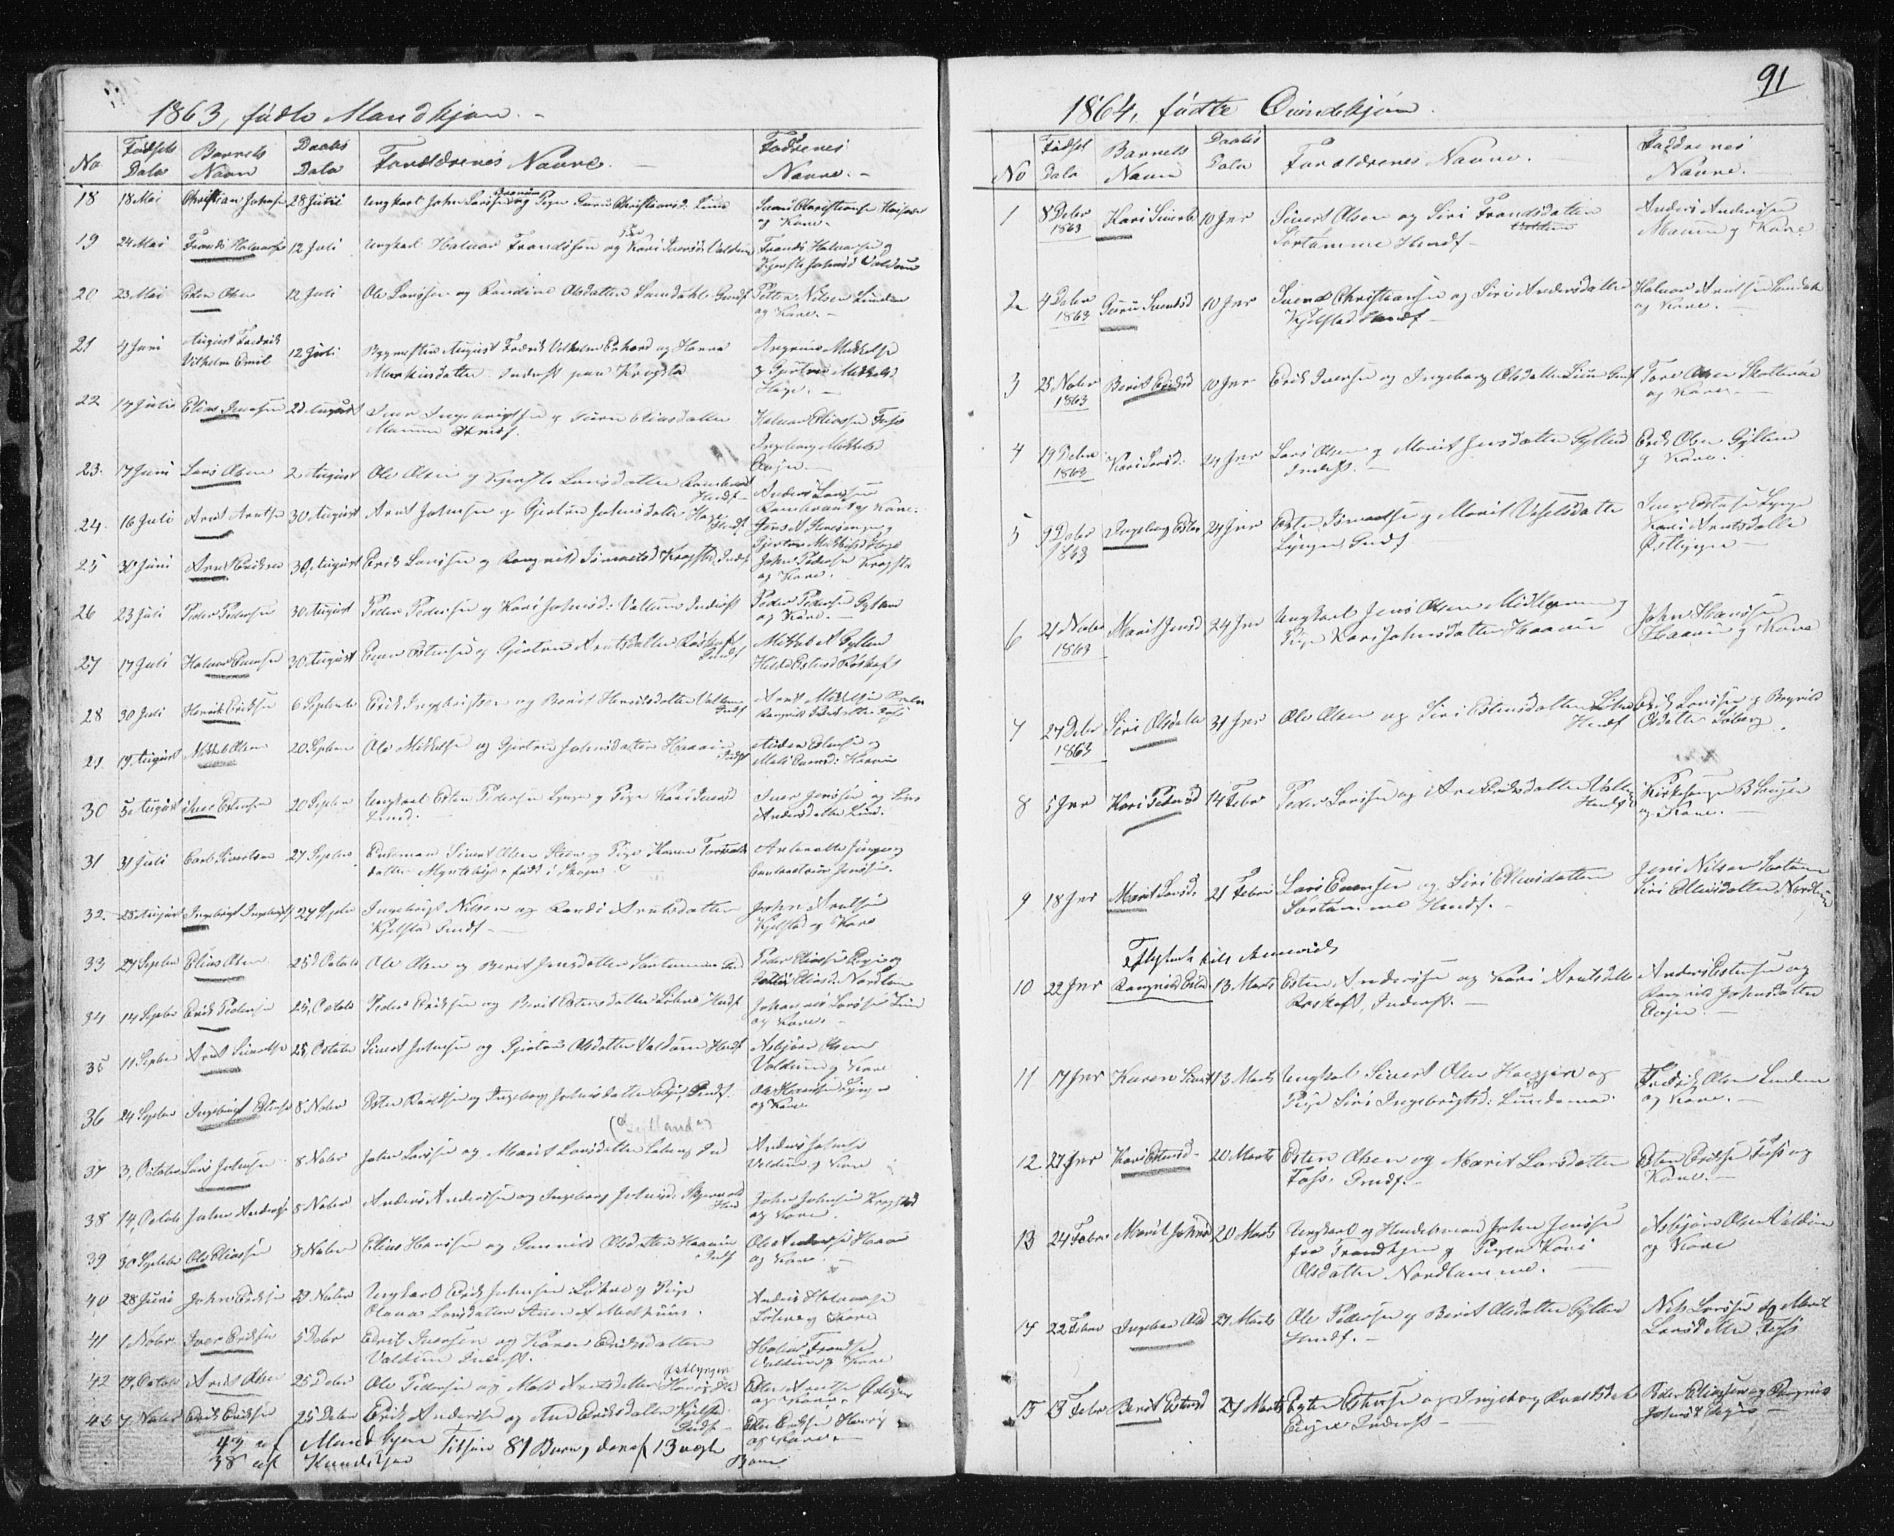 SAT, Ministerialprotokoller, klokkerbøker og fødselsregistre - Sør-Trøndelag, 692/L1110: Klokkerbok nr. 692C05, 1849-1889, s. 91